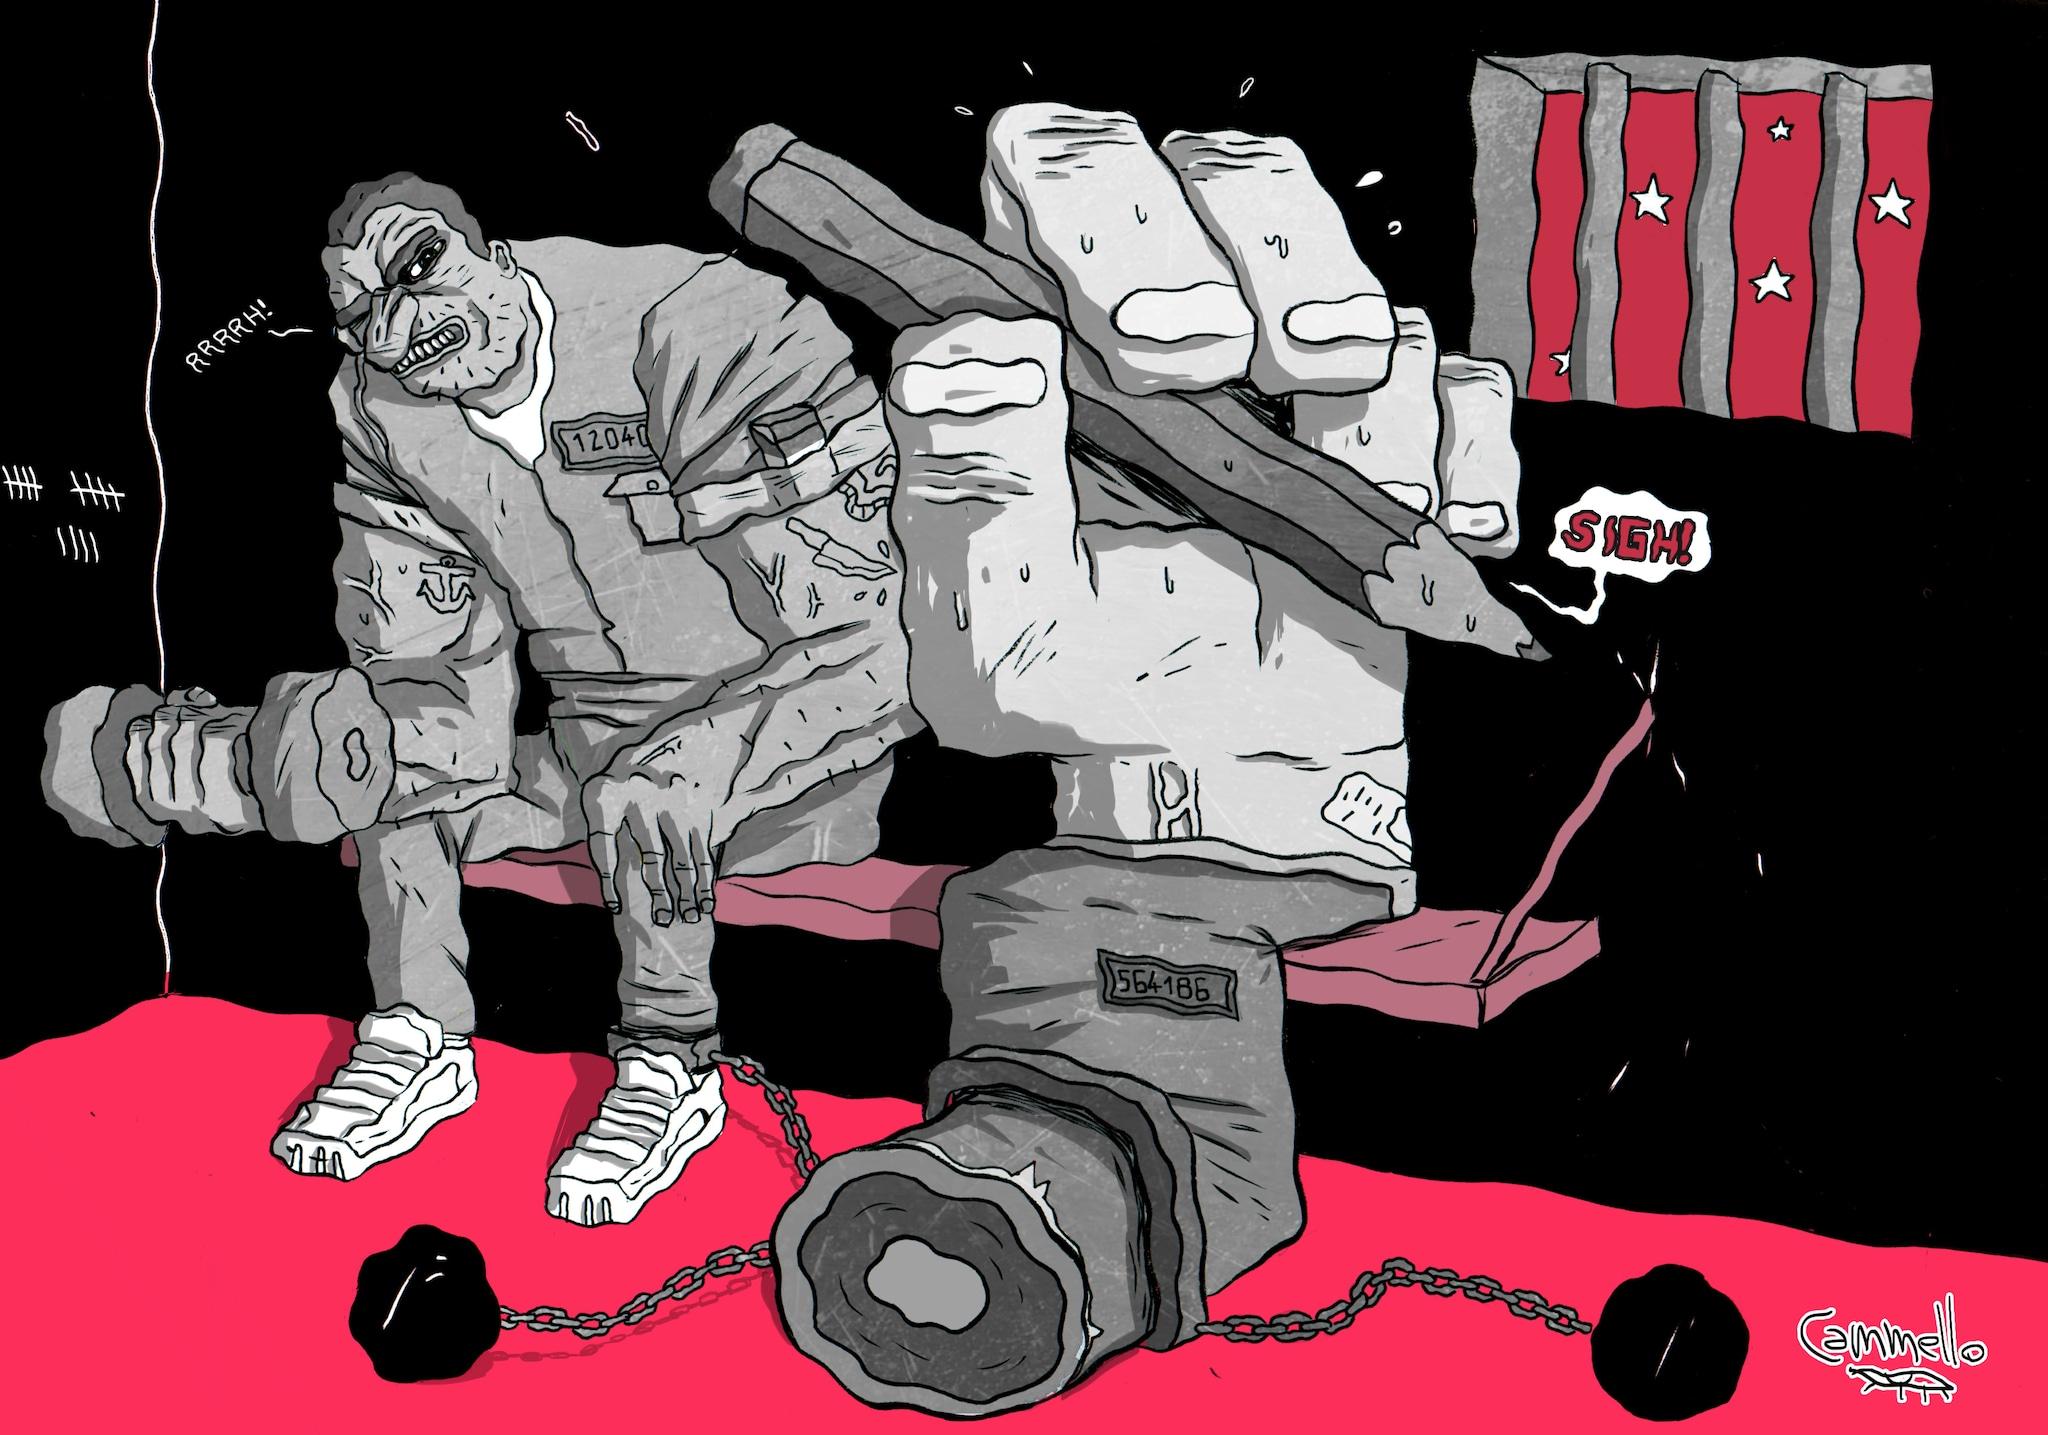 illustrazione di Pablo Cammello per Fanpage.it